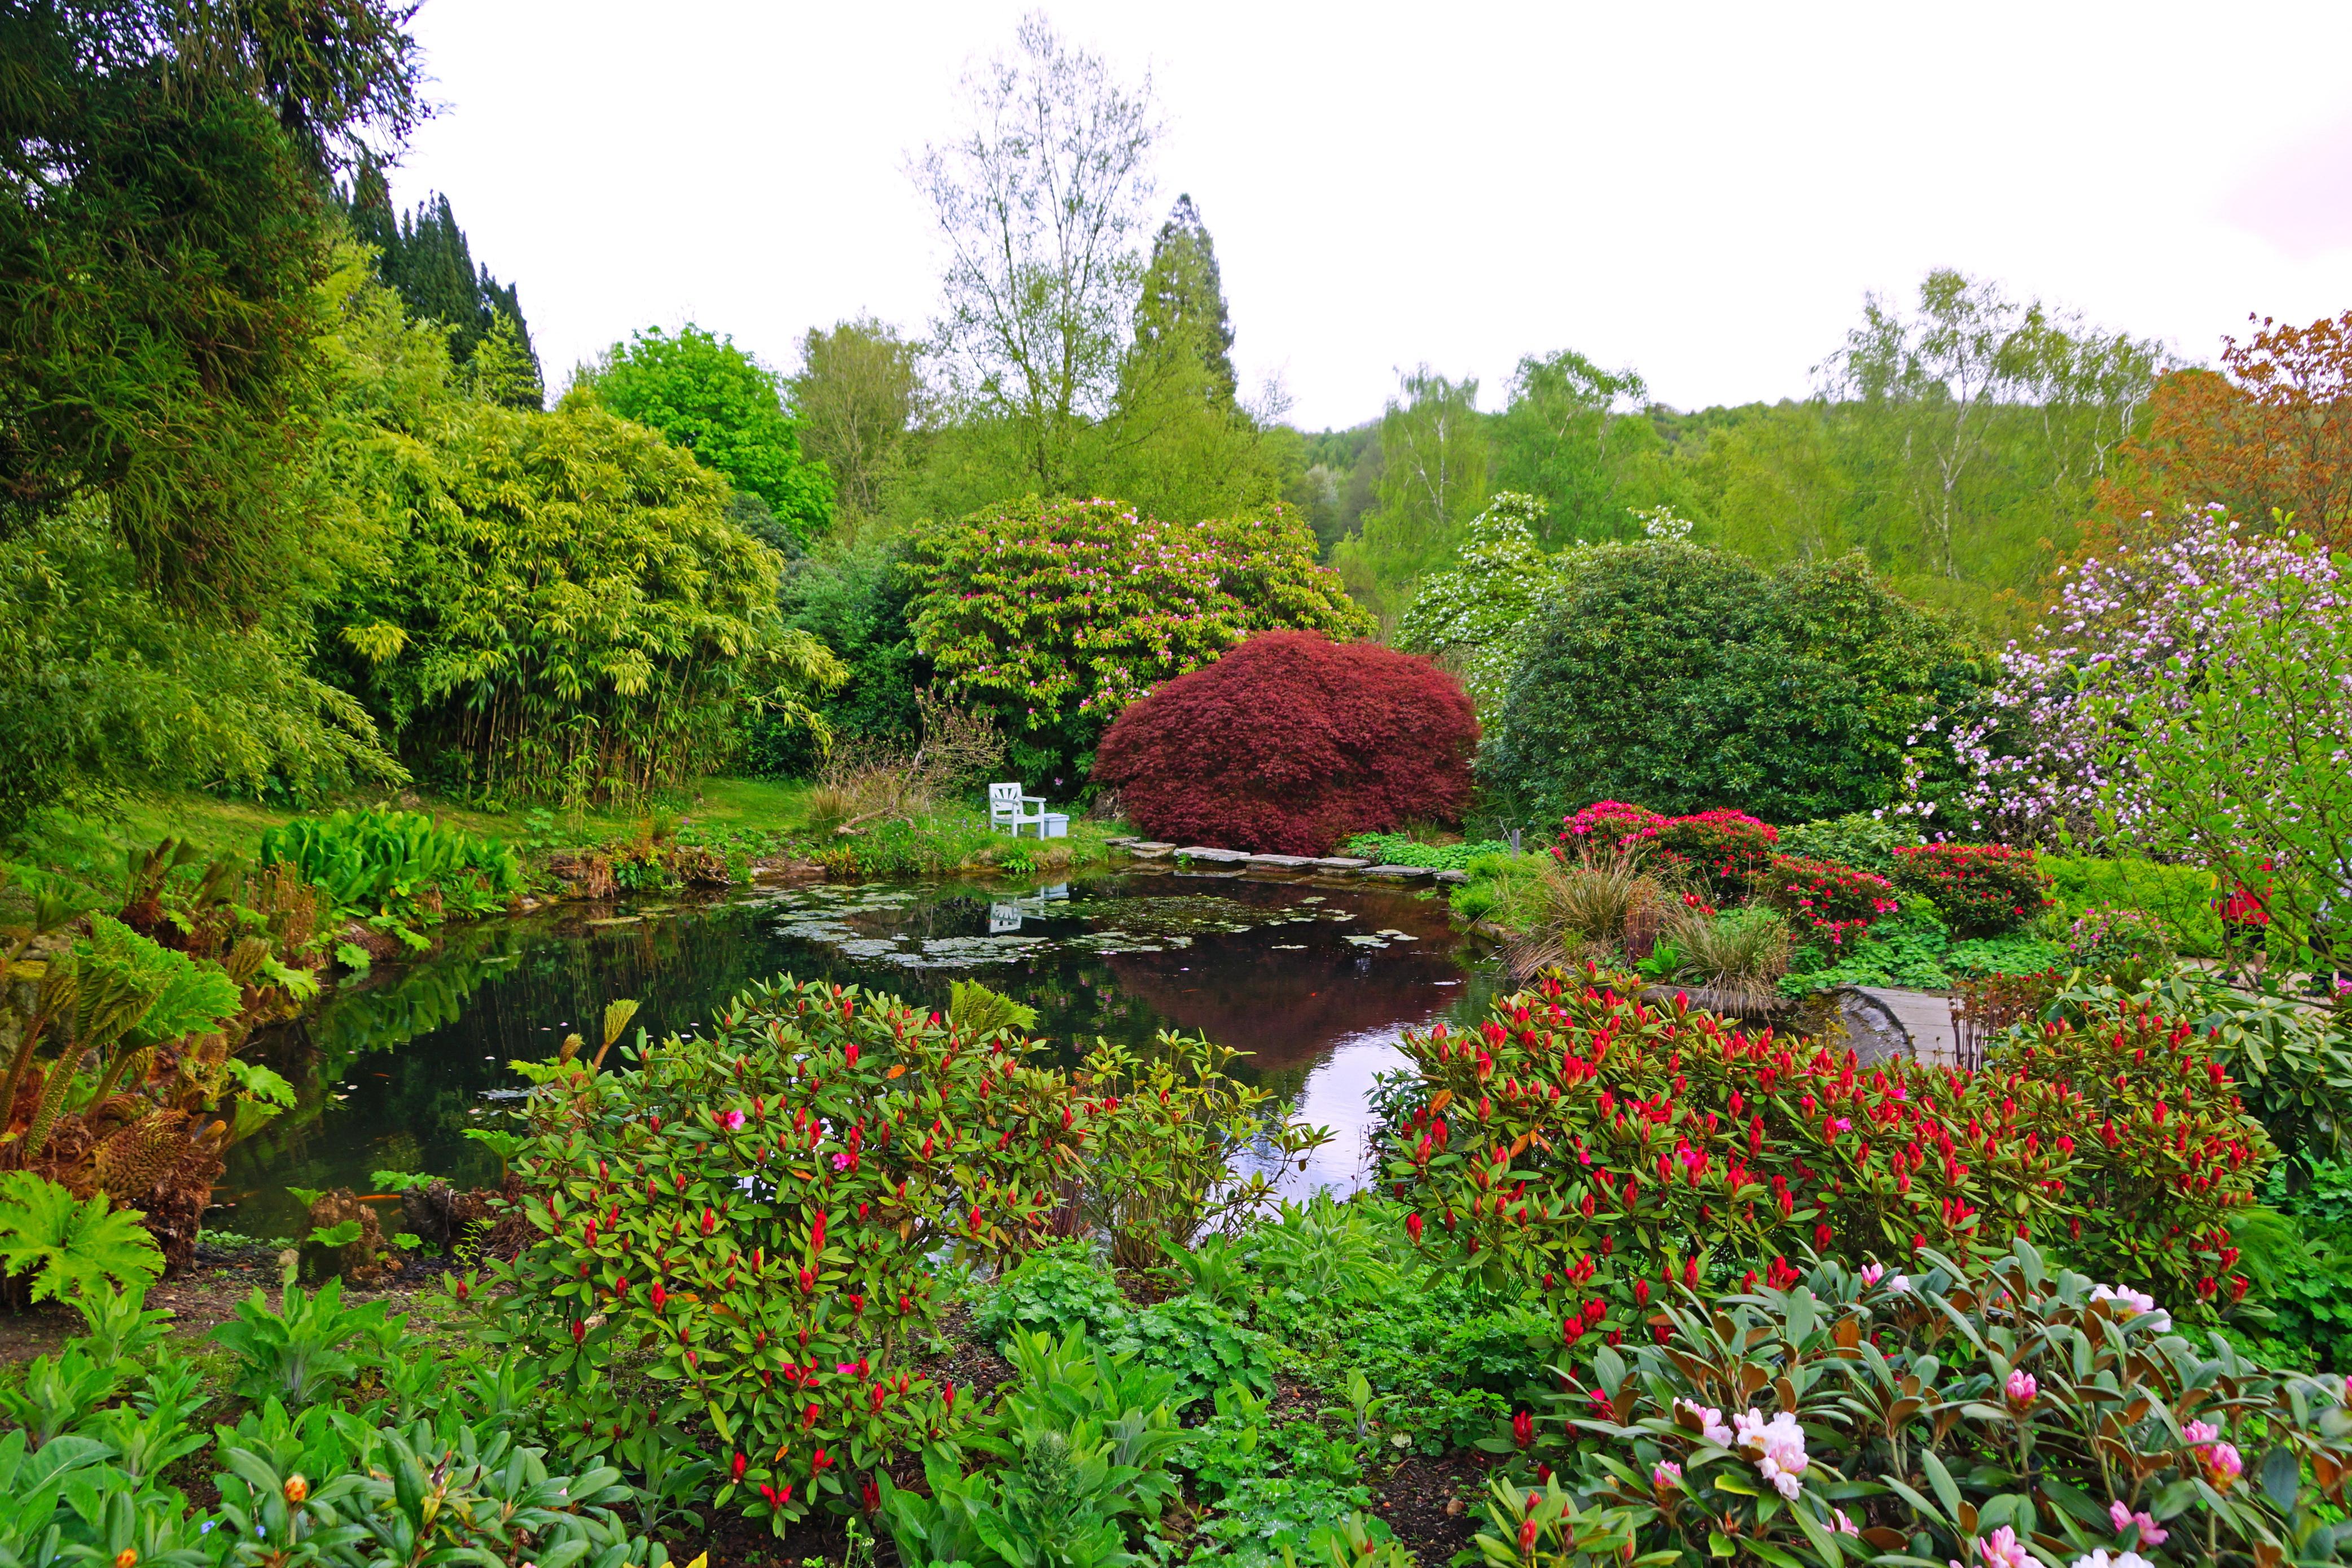 Charming Gardens England Pond Sevenoaks Charwell Nature Garden Wallpaper | 4168x2779  | 112755 | WallpaperUP